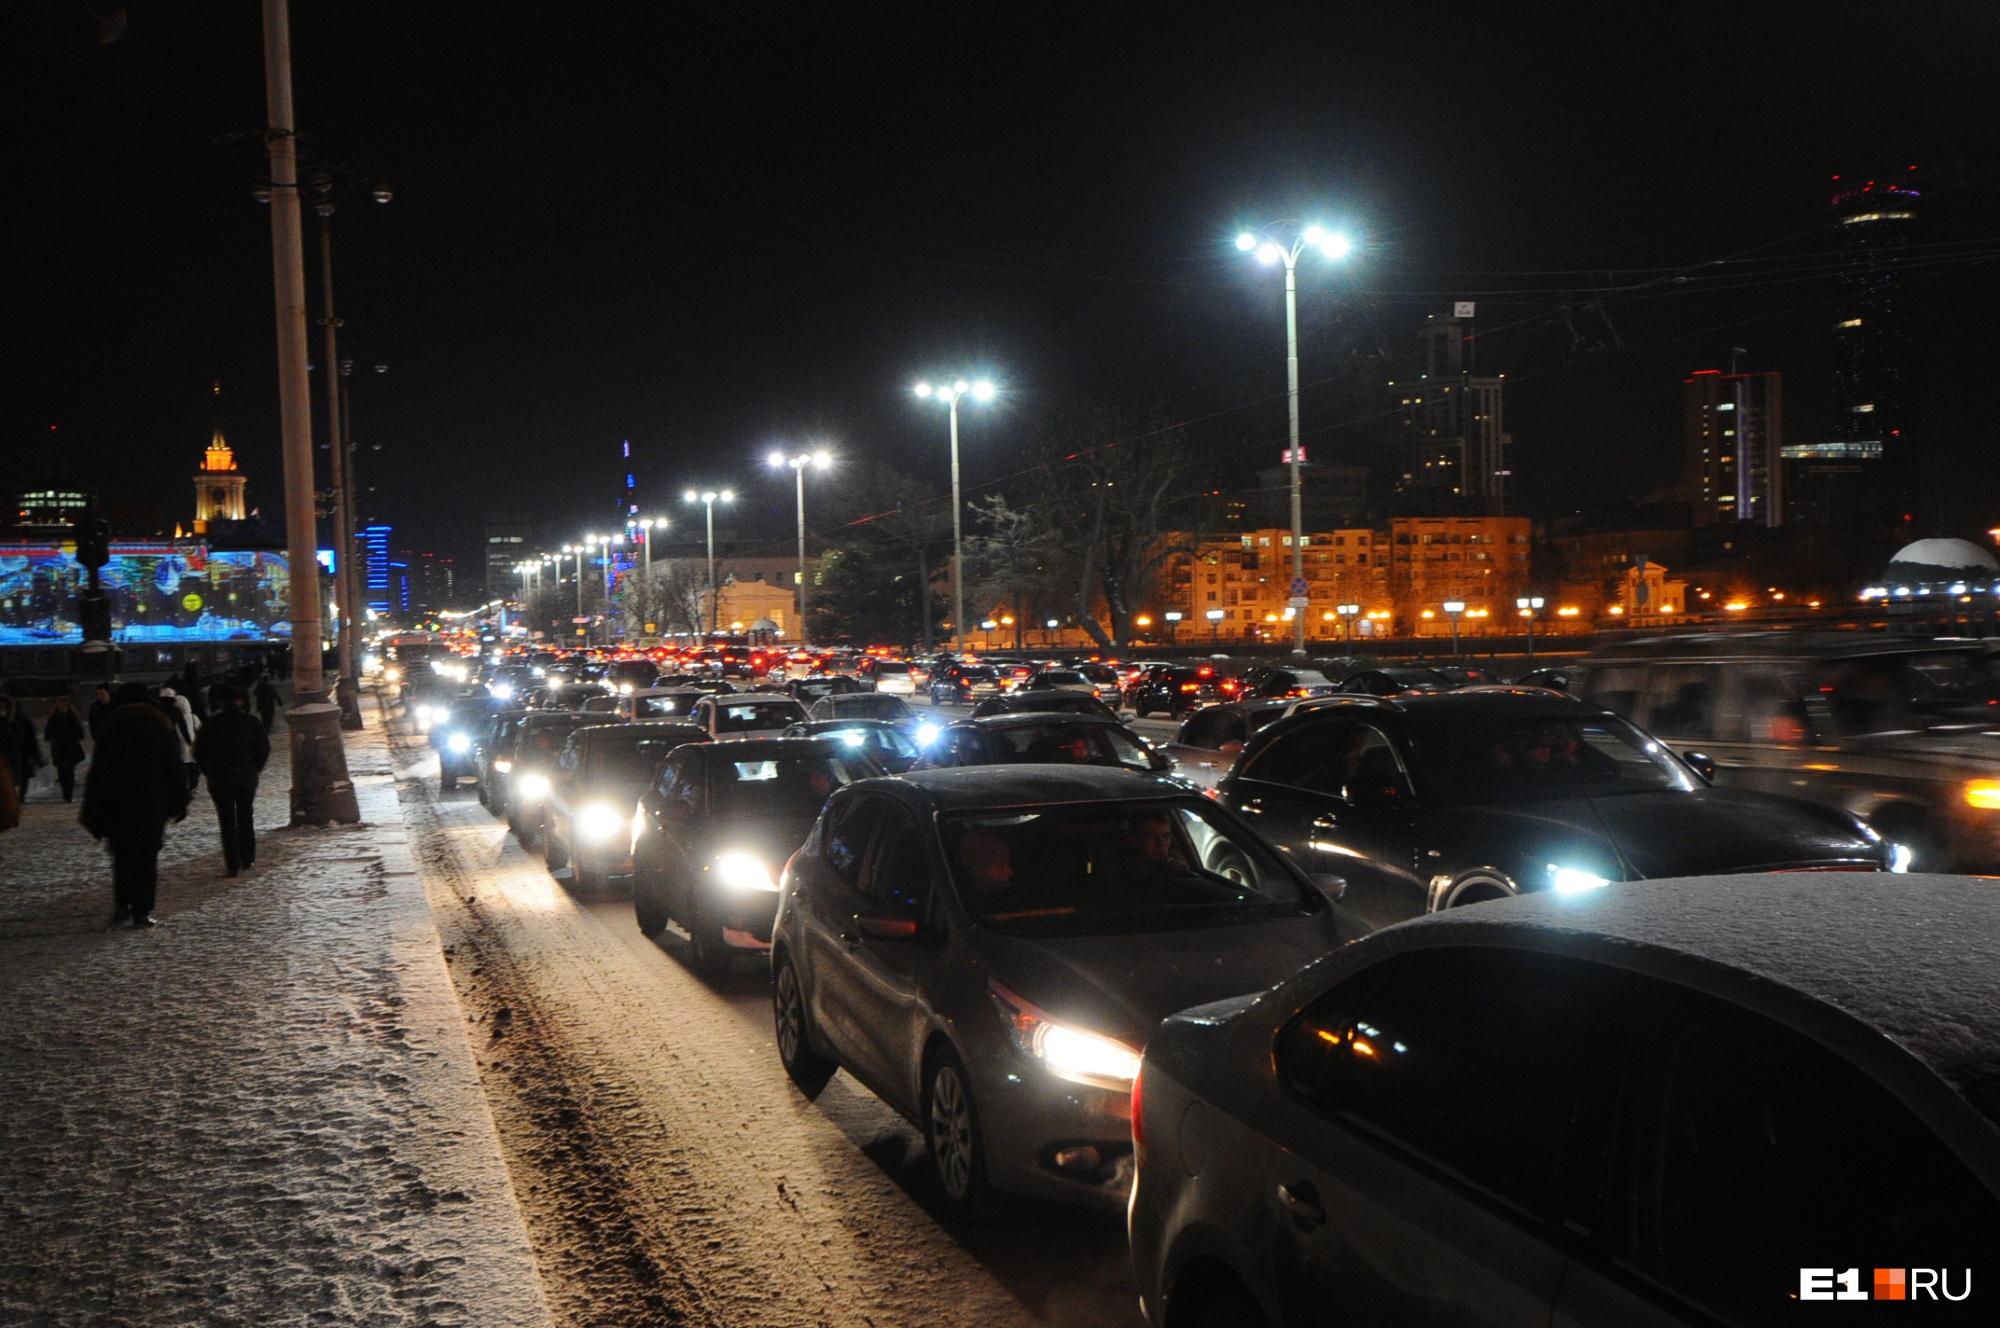 великолепно фото пробки в екатеринбурге сейчас всего